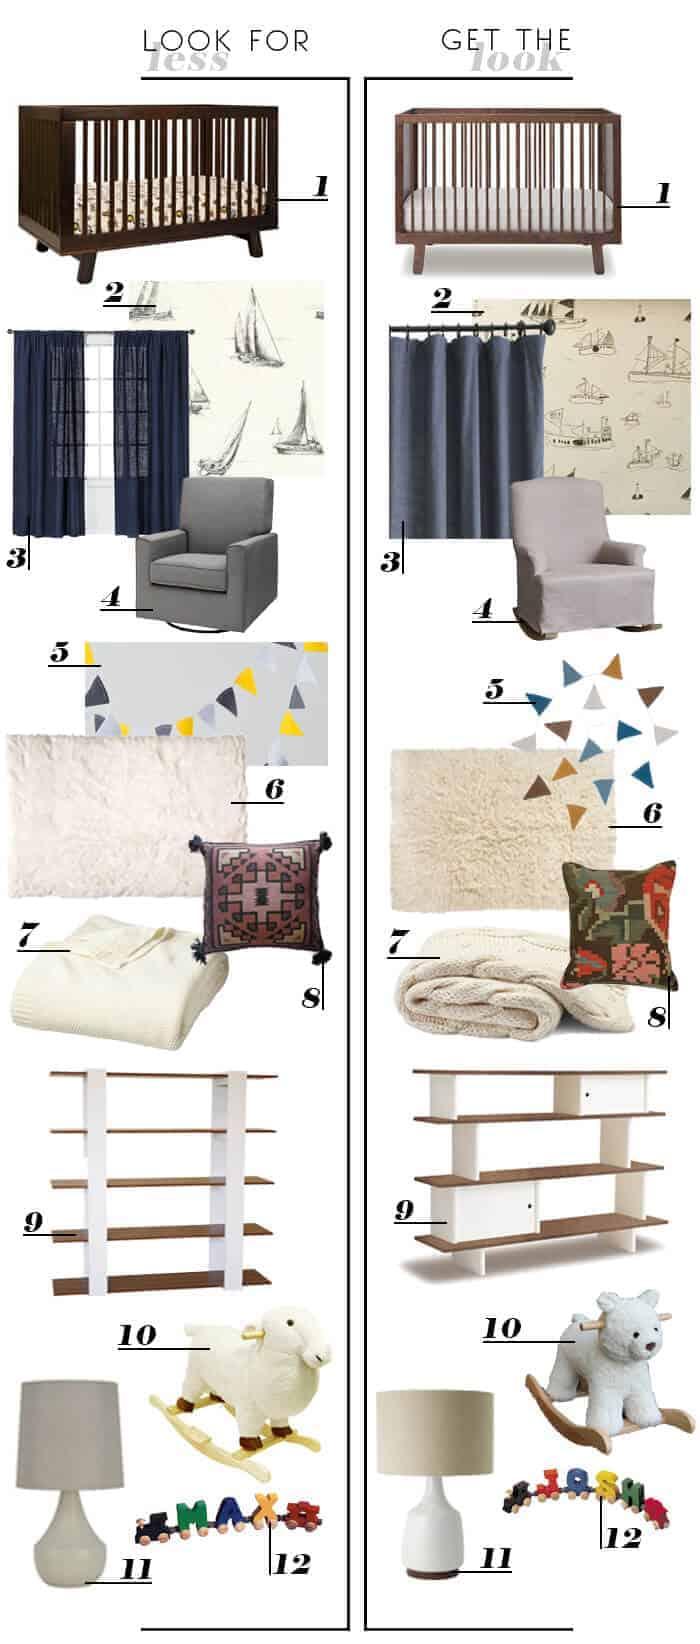 get the look_roundup_moodboard_nursery_emily henderson_kids room_nursery